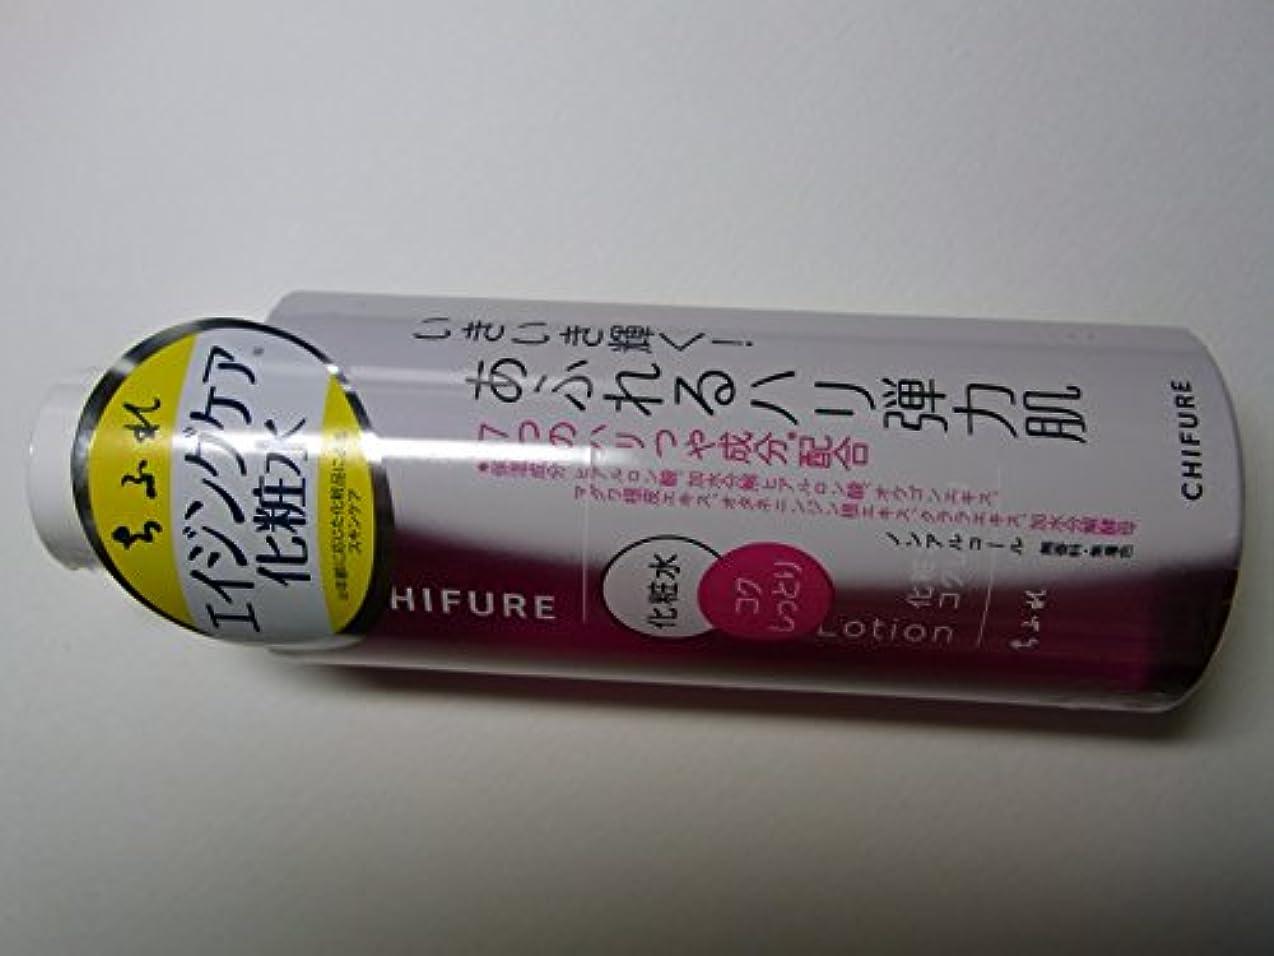 ファイアル従来の右ちふれ 化粧水 コクしっとりタイプ 180ml